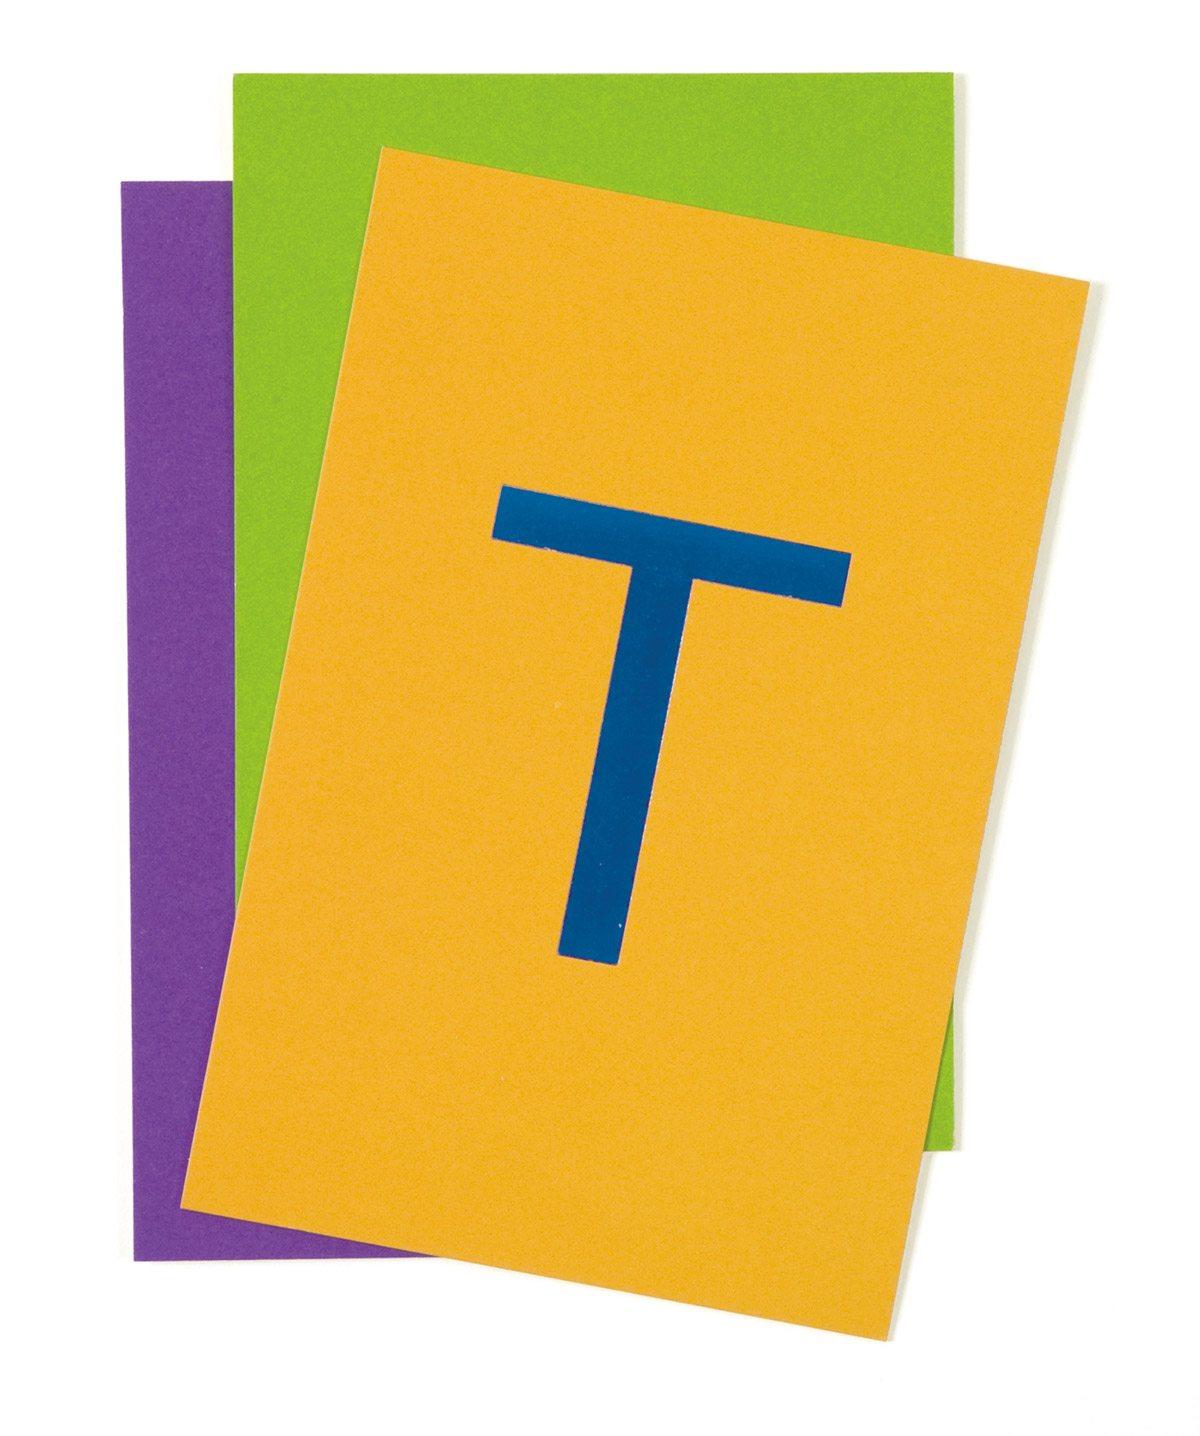 Cartes postales de la Maison étoilés Troisgros, couleurs gourmandes et dorures à chaud, design Ich&Kar